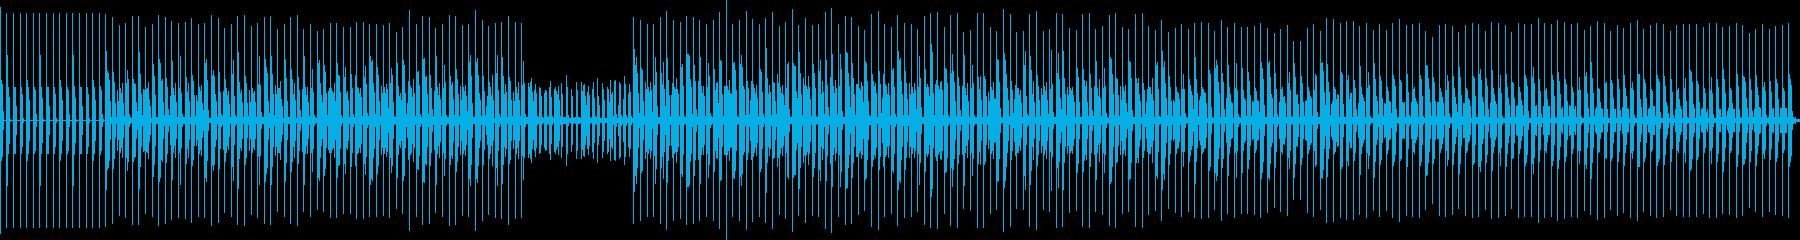 ダンスエレクトロ。古いスタイル。の再生済みの波形